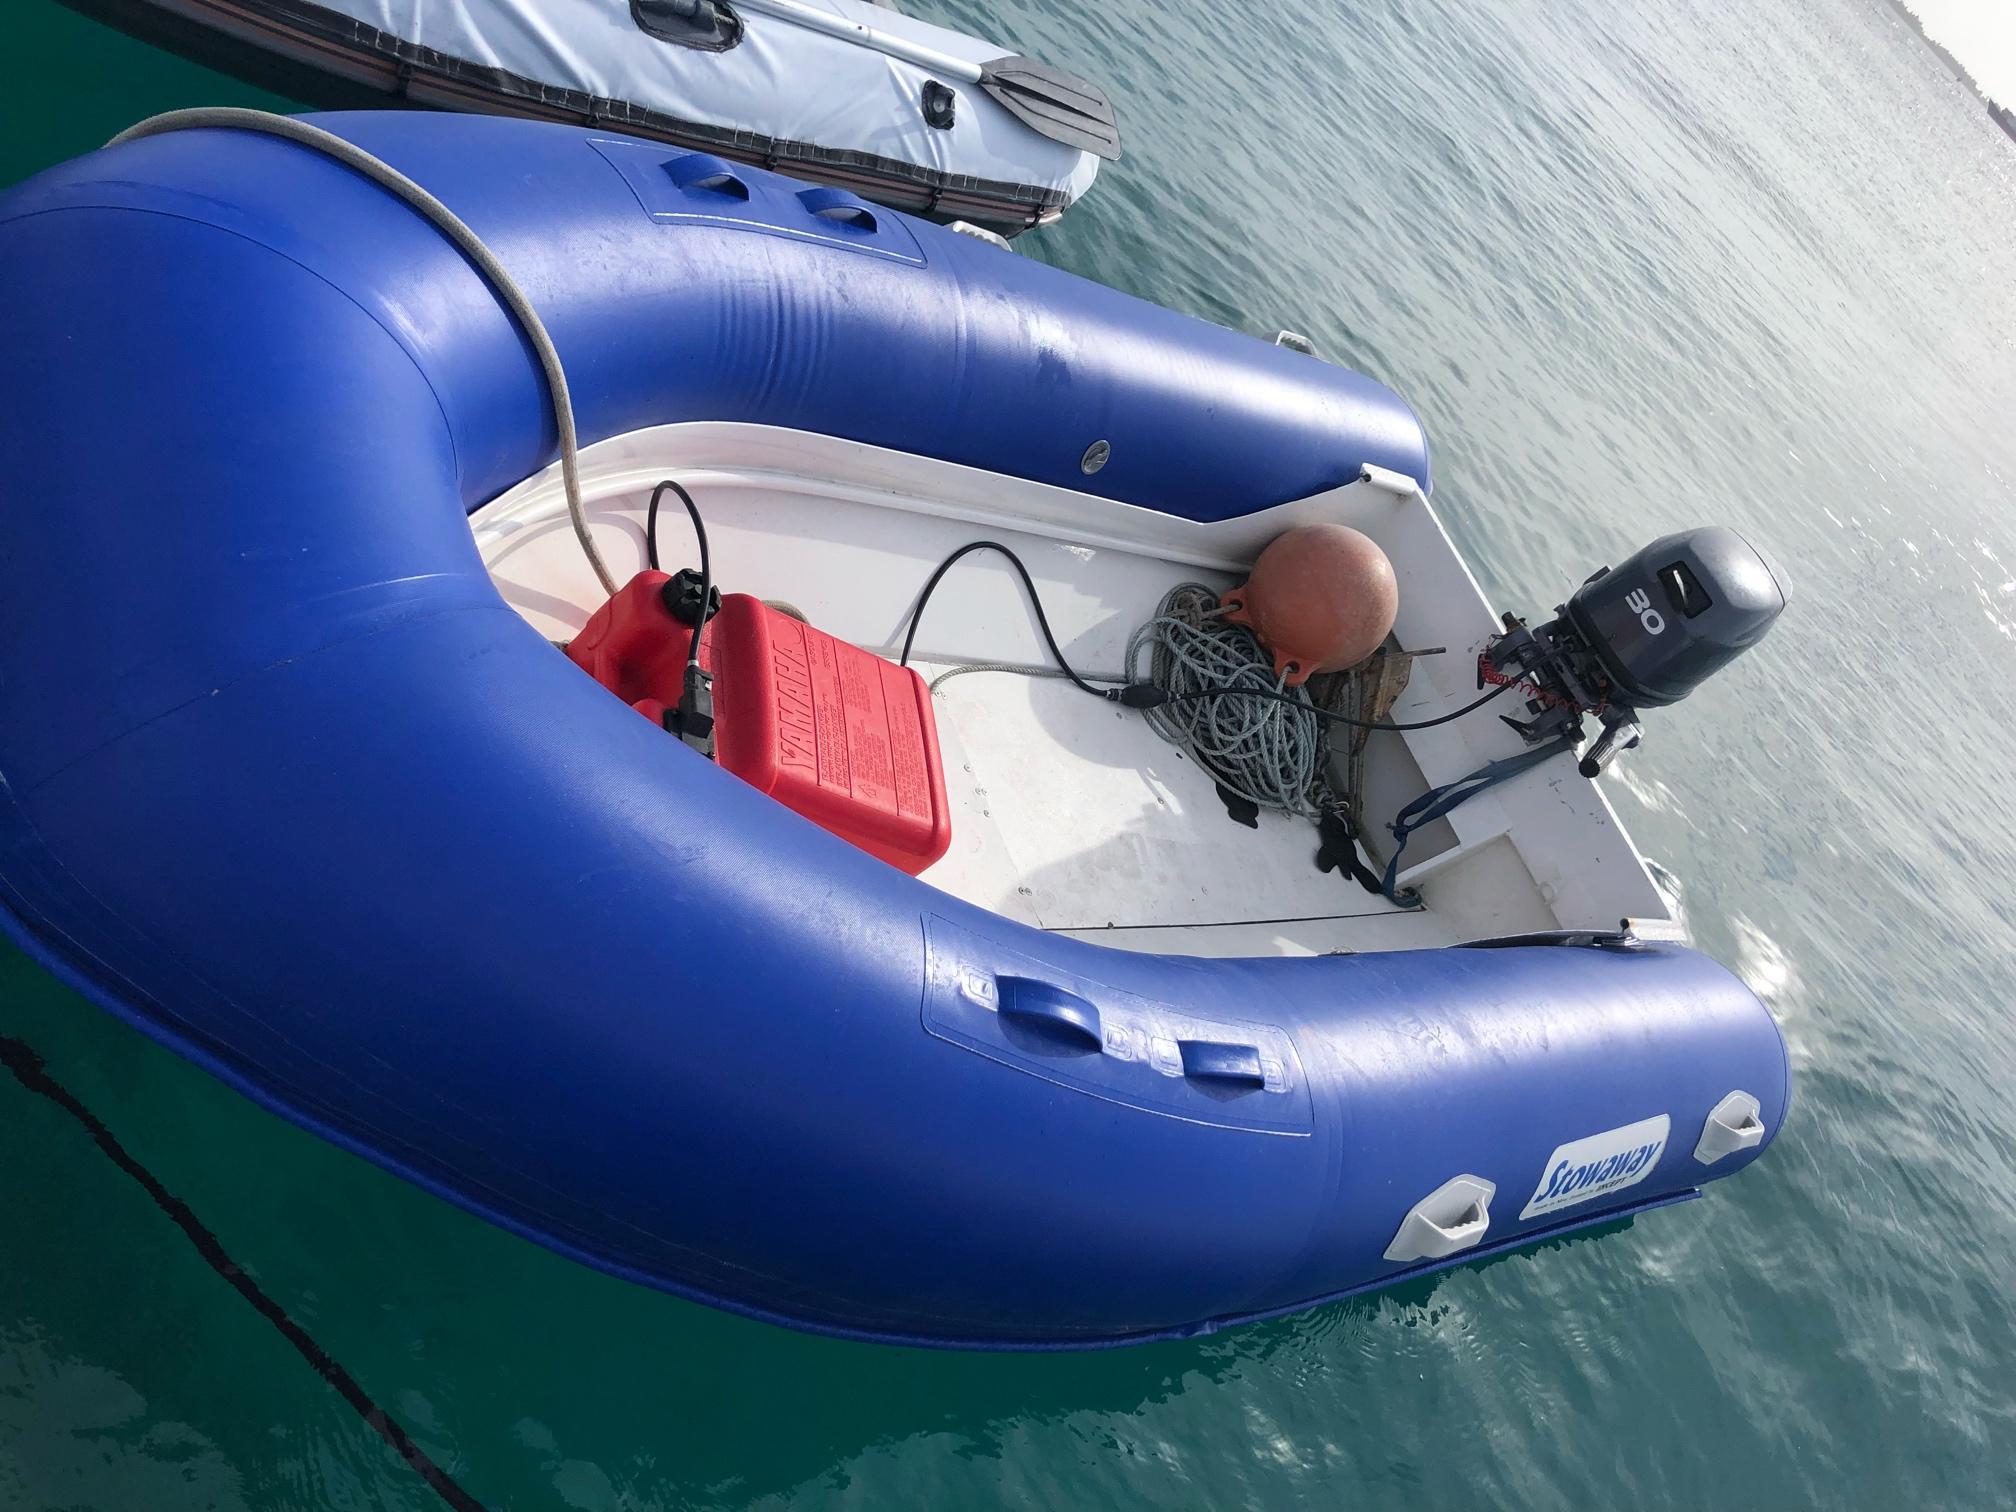 骑着船儿去旅行-马绍尔共和国之马久罗实时航行